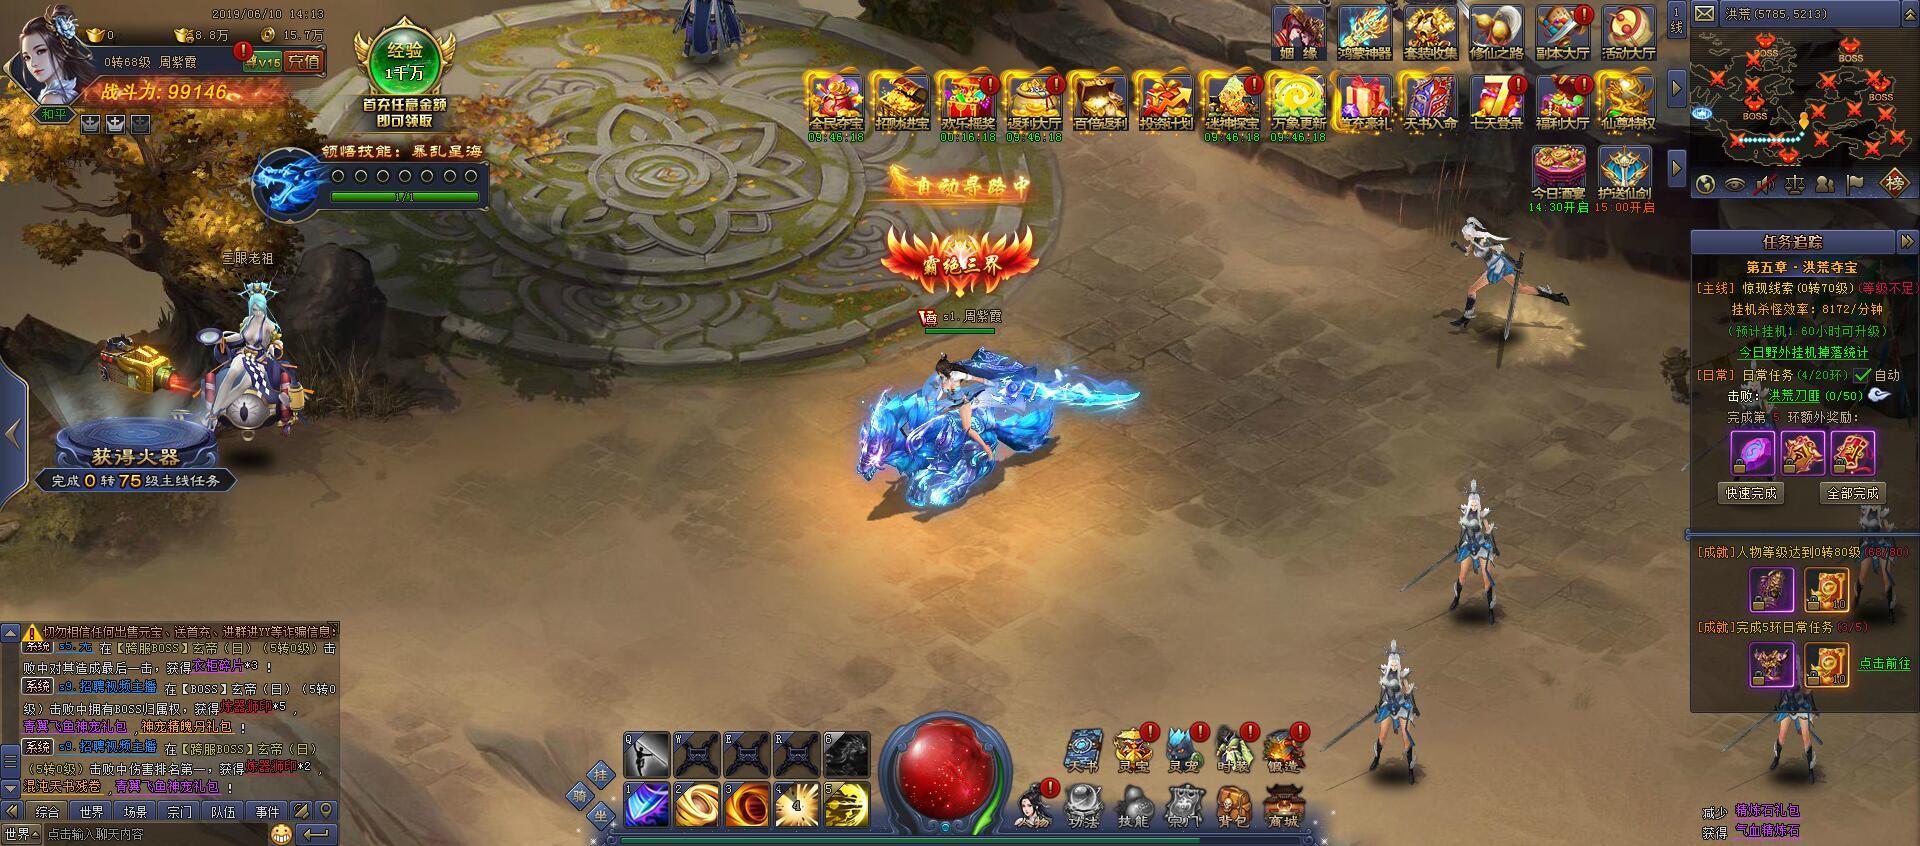 傲剑苍穹游戏截图2